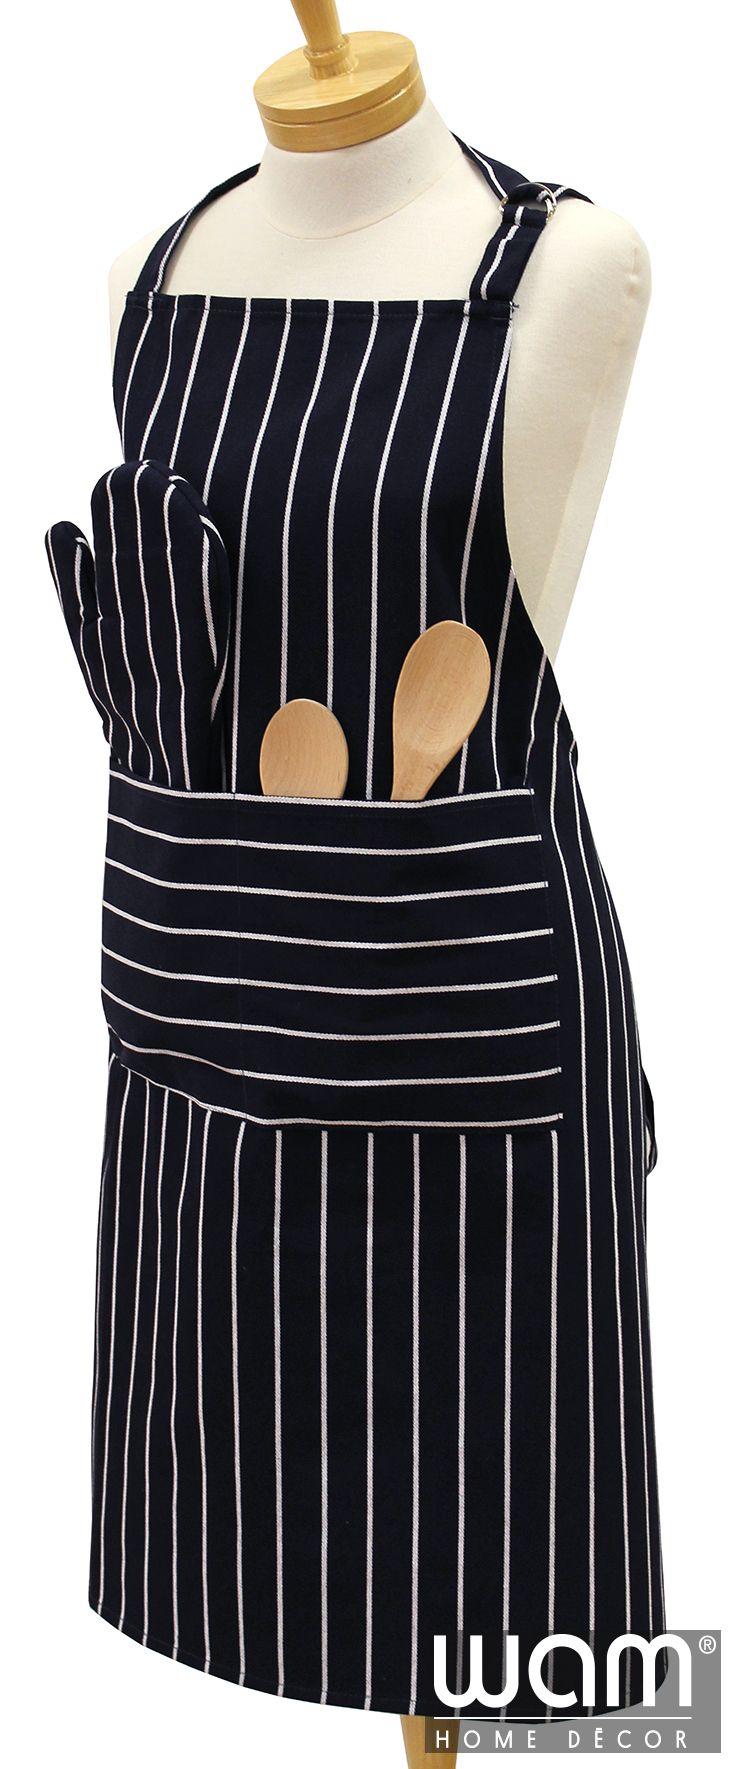 Butcher Stripe Apron www.wamhomedecor.com.au